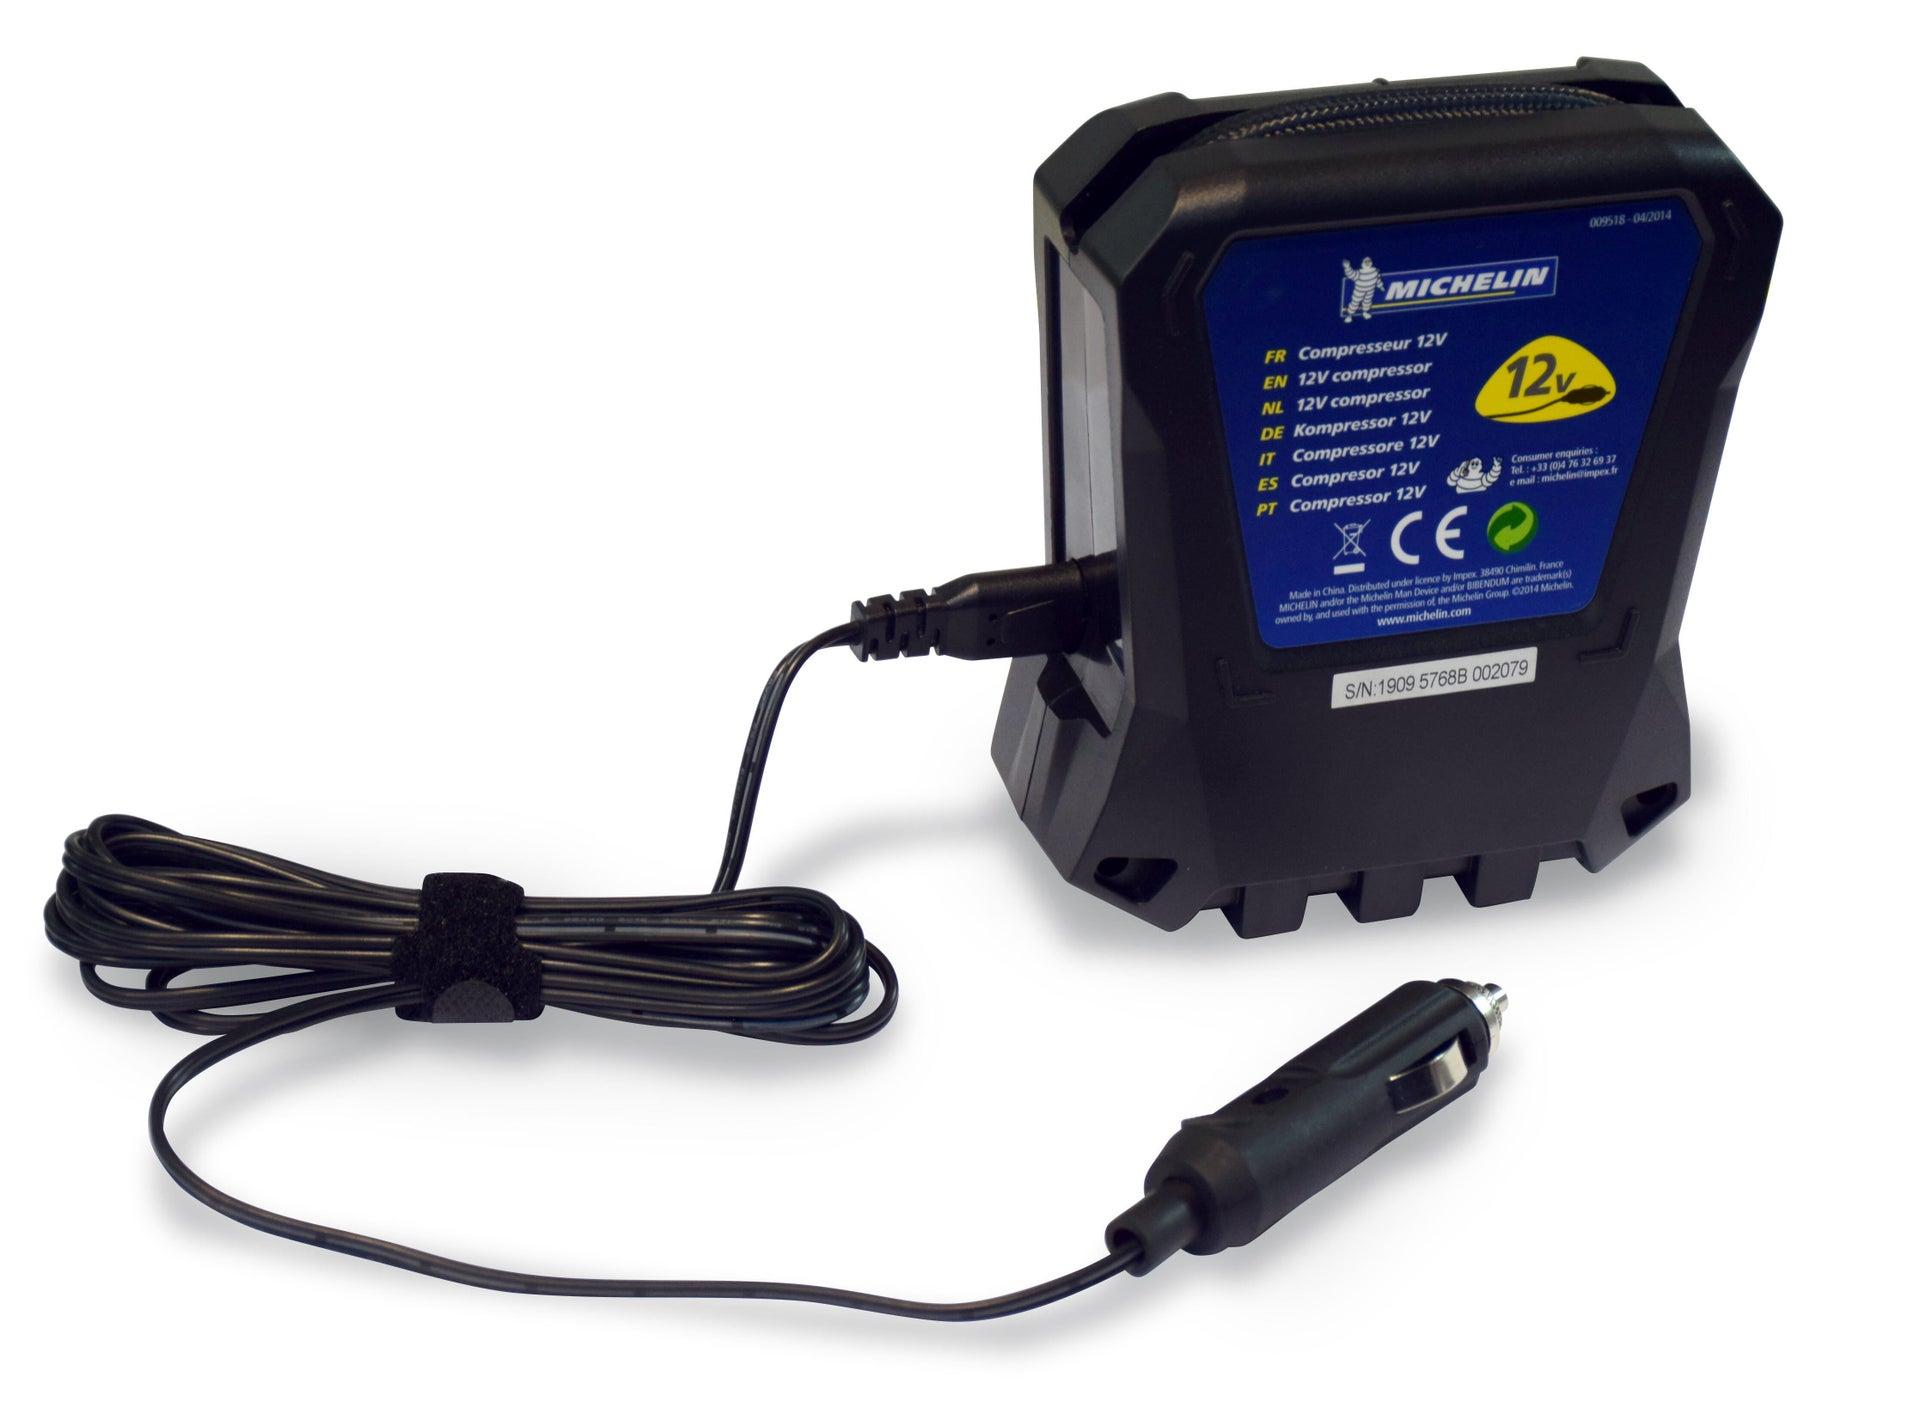 Compressore MICHELIN per auto 9518, 0.06 hp, 3.5 bar, 6 L - 8